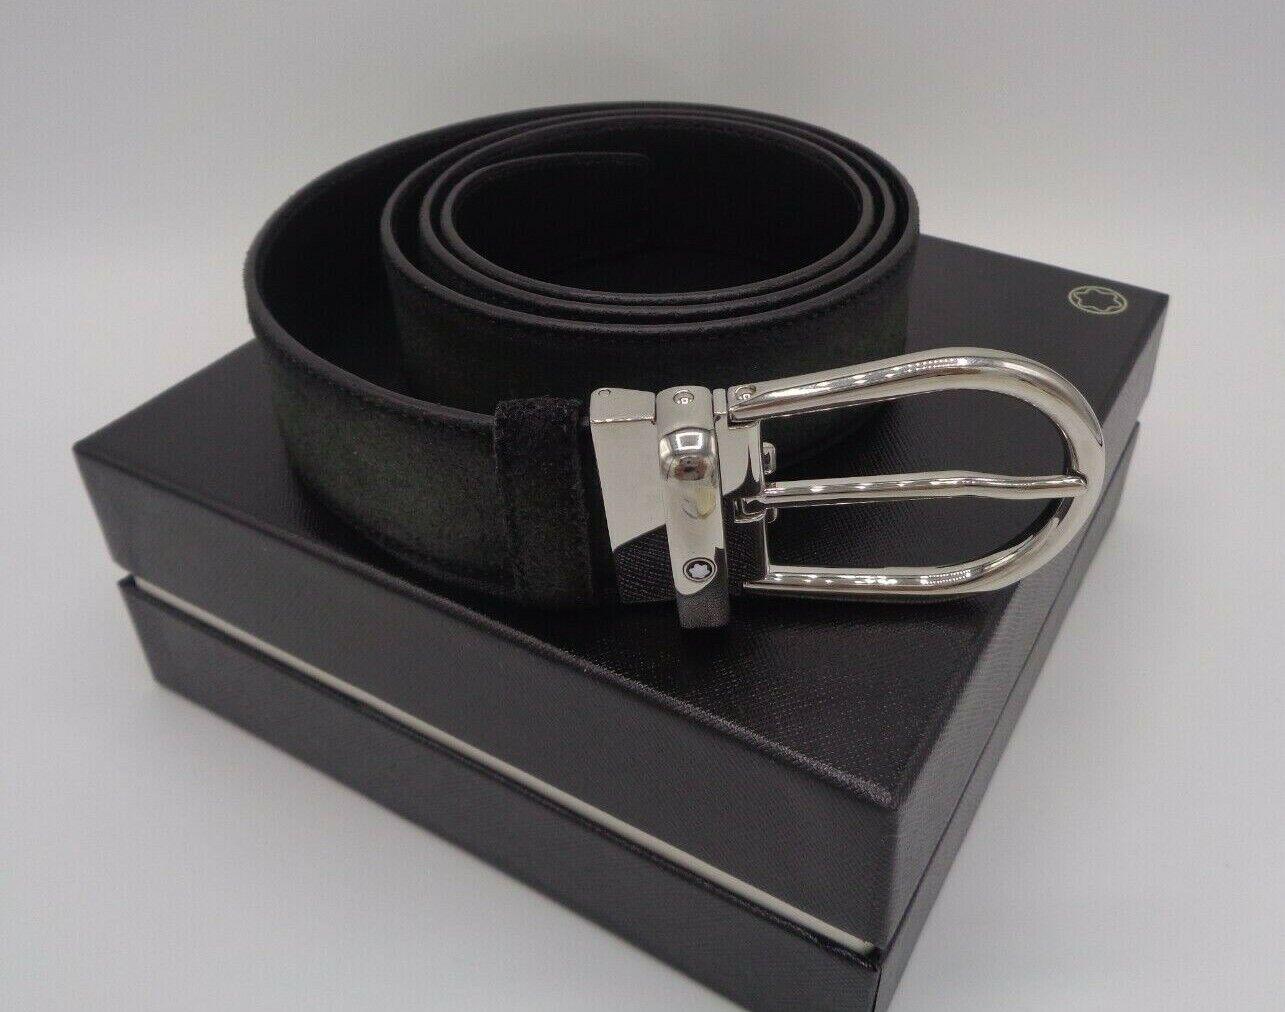 Mont Blanc Herren Gürtel grau/schwarz Länge 110, Breite 35mm,Schnalle silber OVP